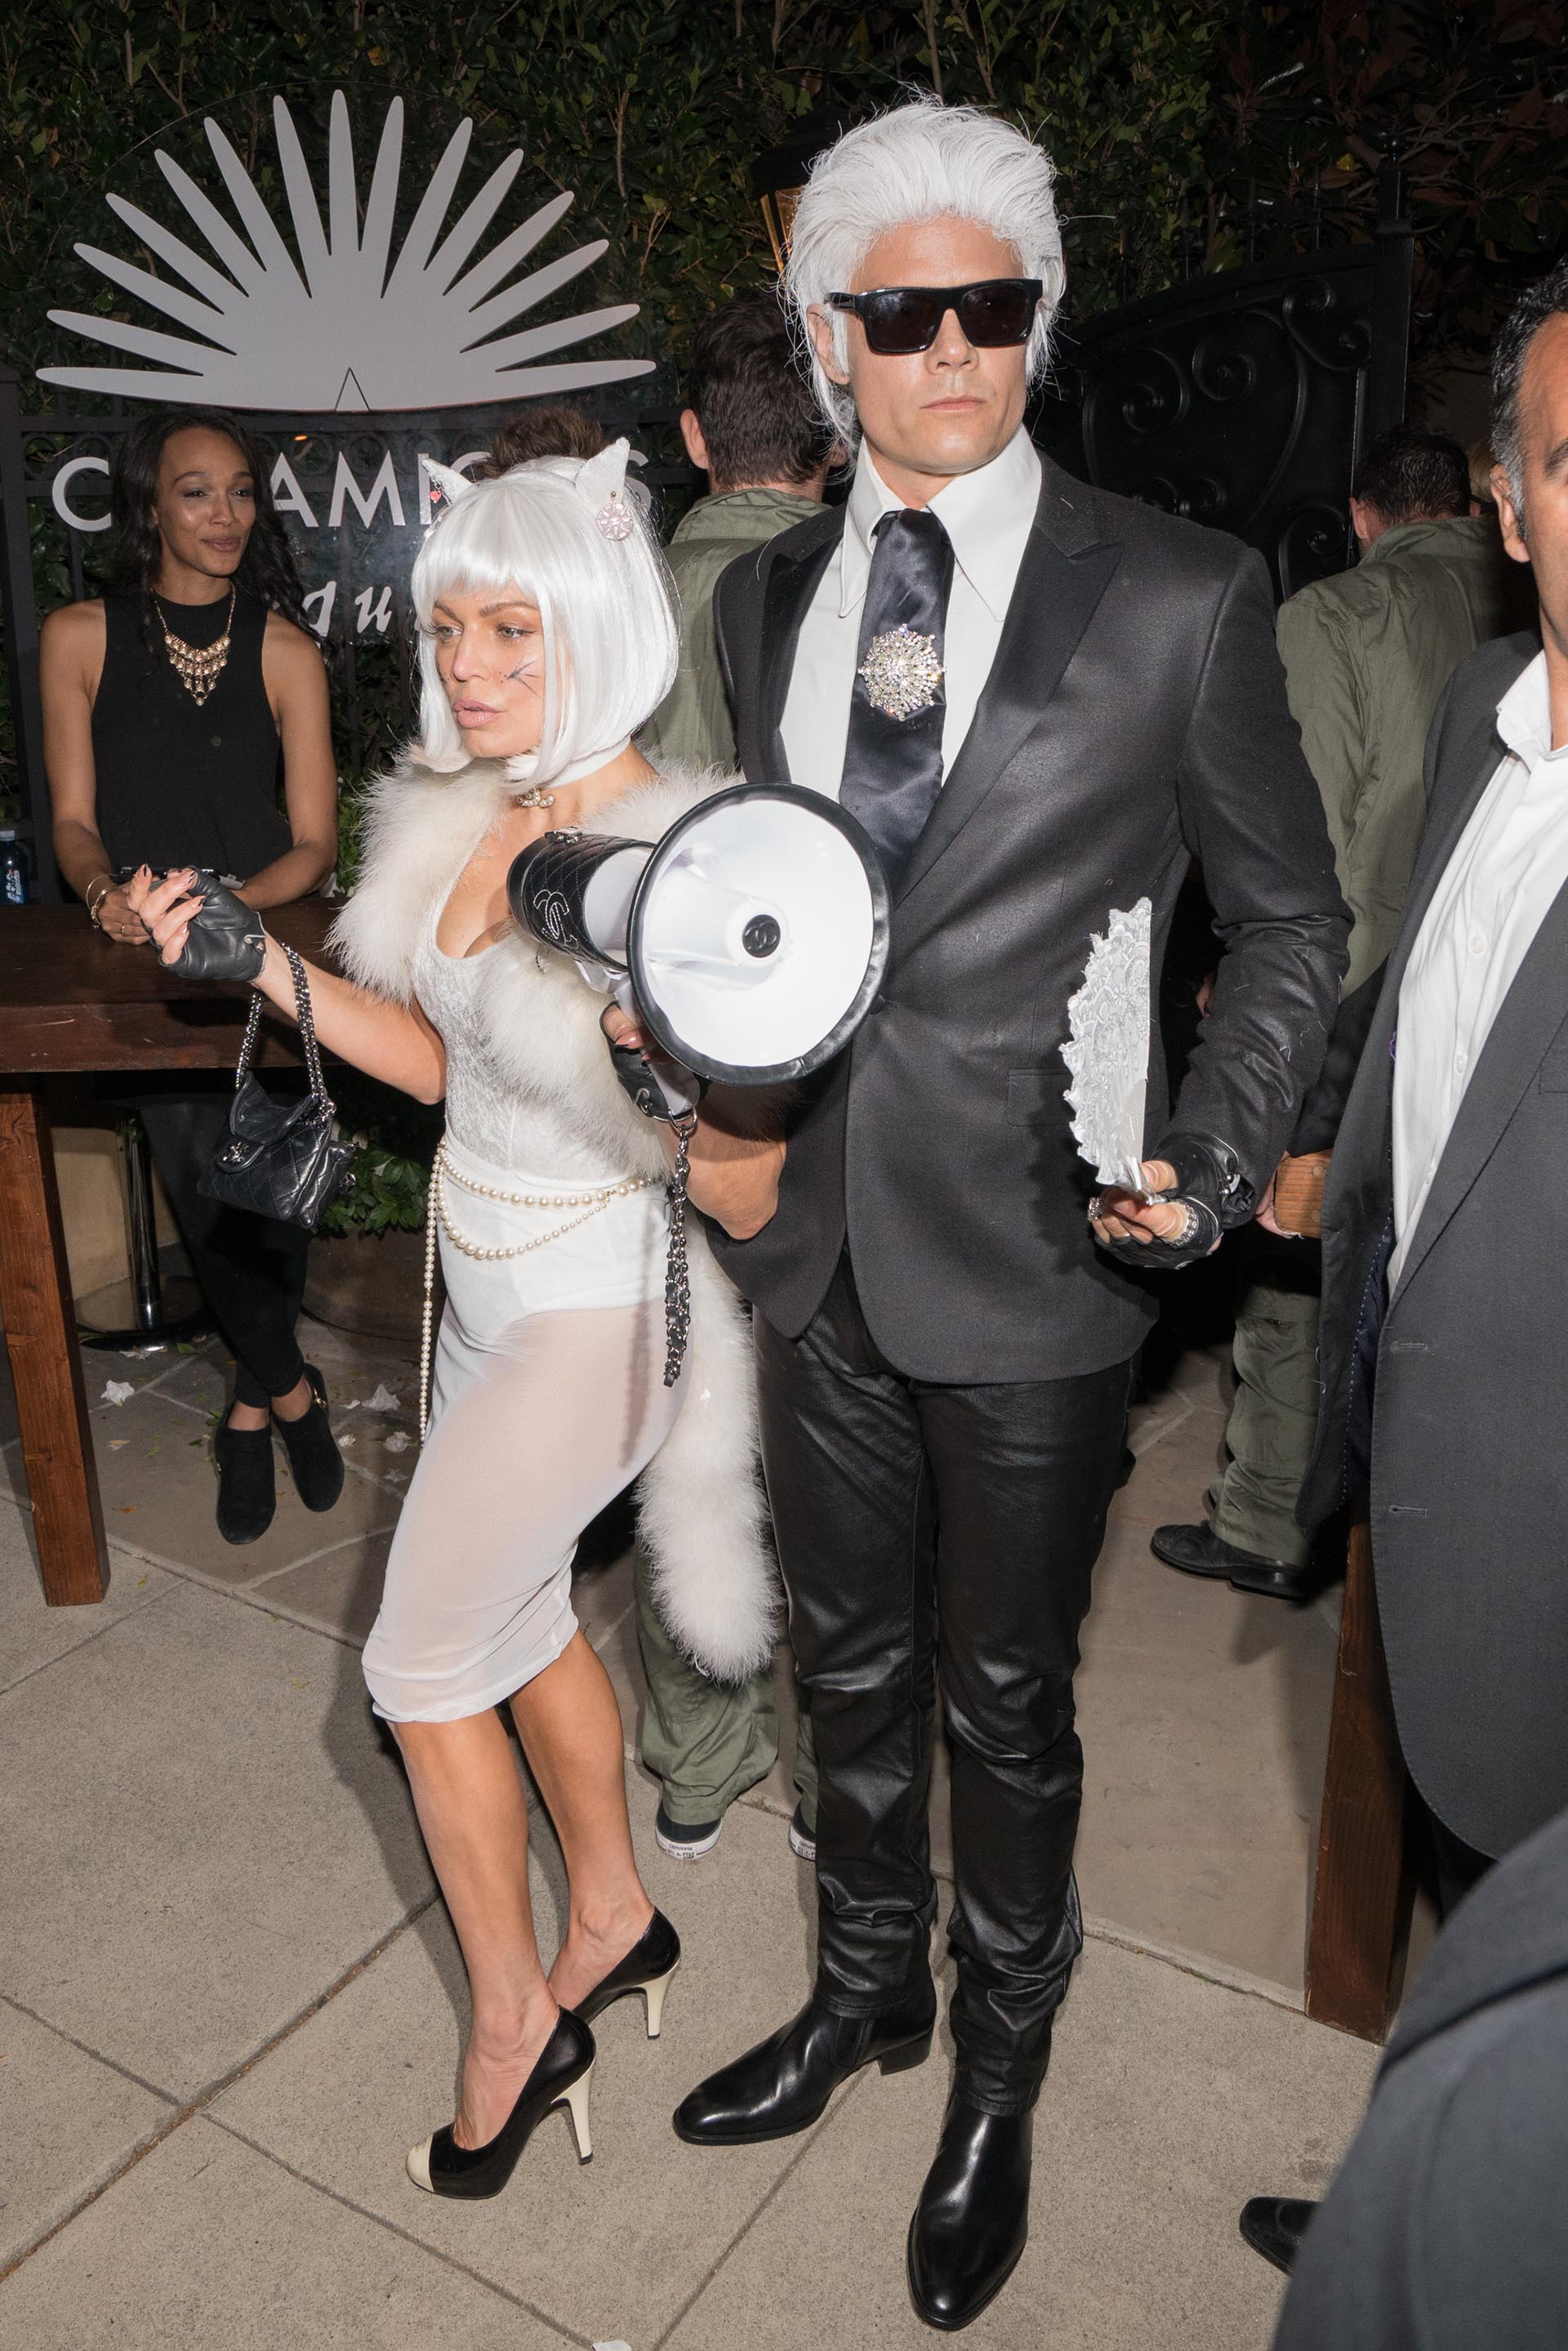 La cantante Fergie y Josh Duhamel festejando en Beverly Hills emulando al icónico diseñador Karl Lagerfeld y su mascota Choupette, una de las parejas más creativas ( AaronP/Bauer-Griffin/GC Images)